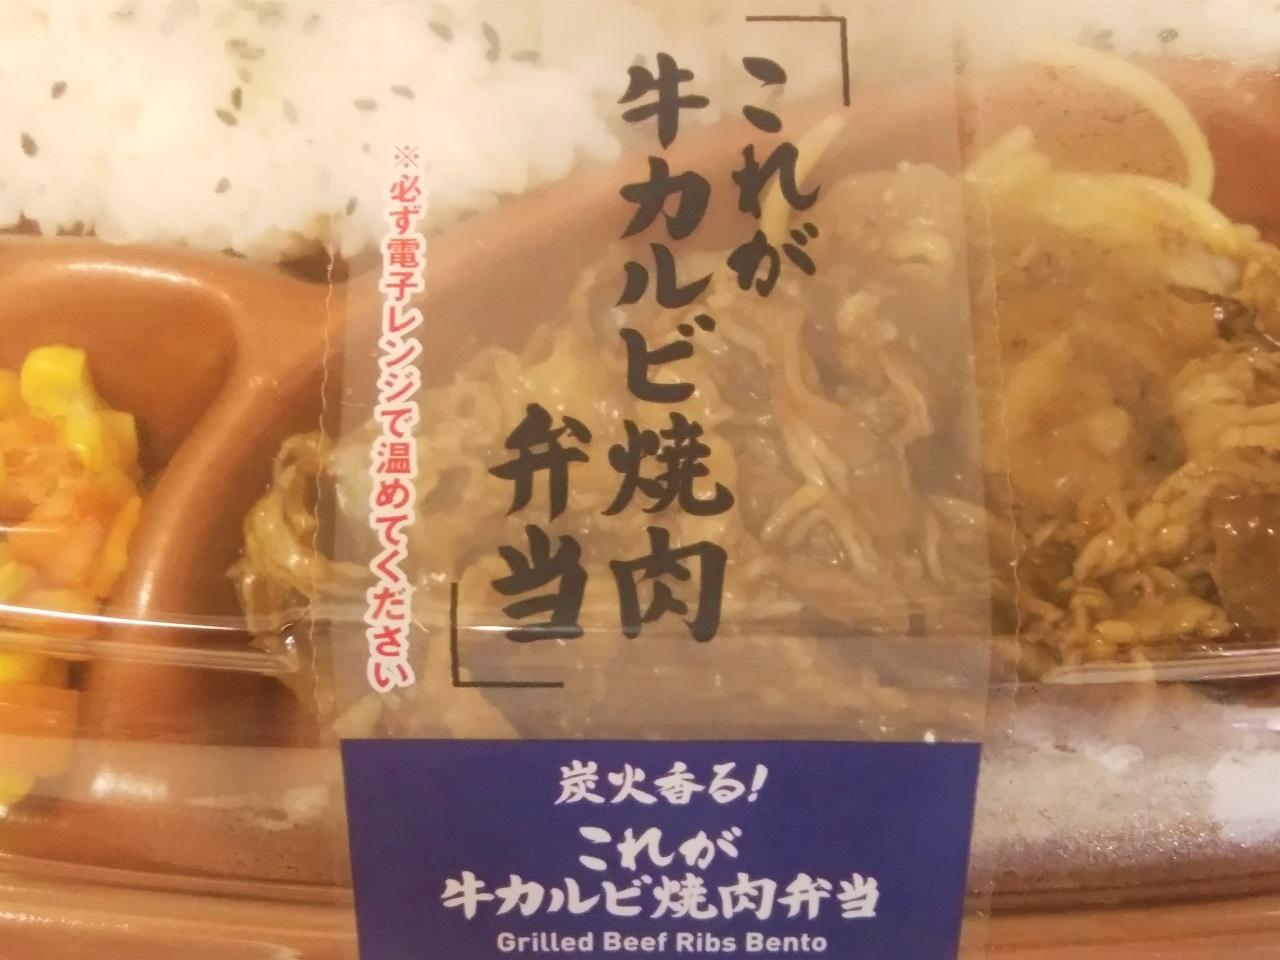 牛カルビ焼肉弁当のパッケージ